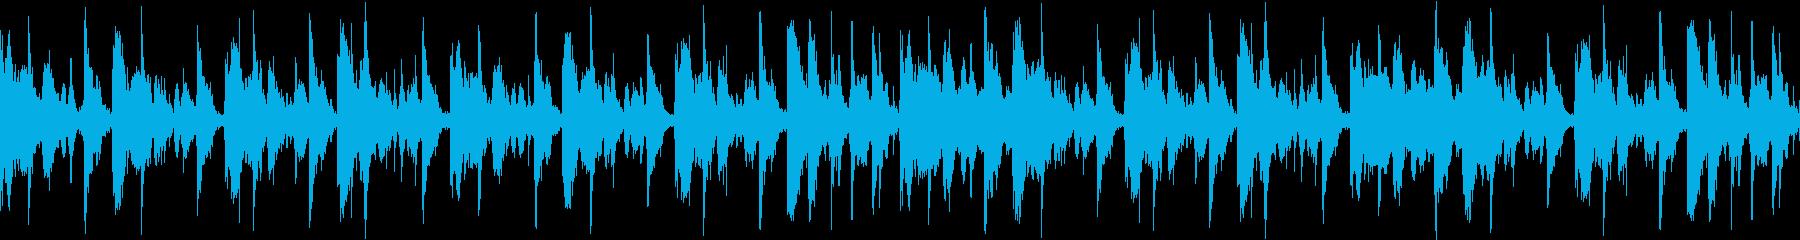 ドライなドラムサウンドのループ用BGMの再生済みの波形